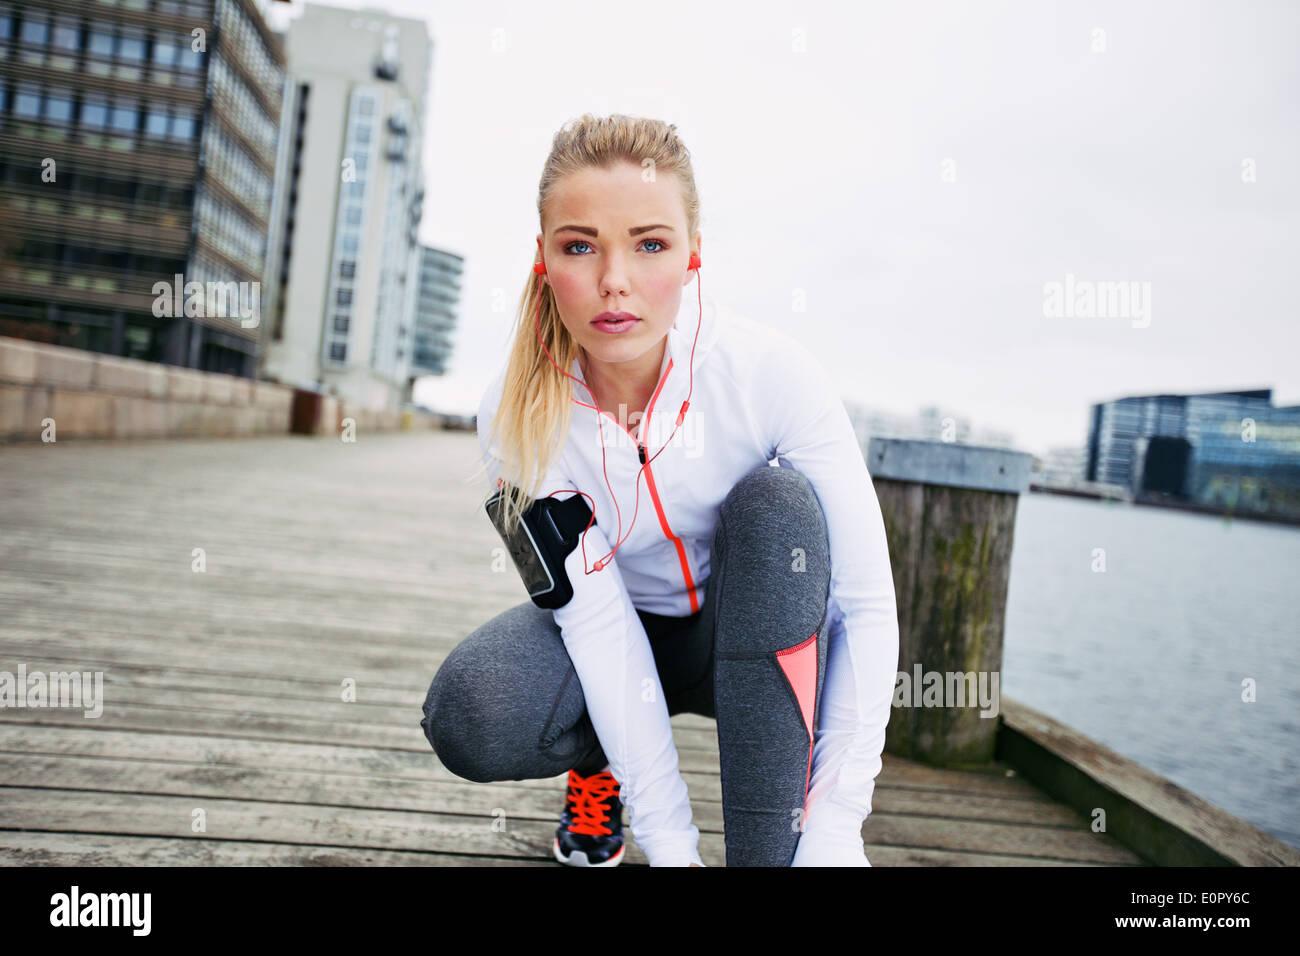 Donna Fitness sul Boardwalk accovacciato a legare il suo stringa guardando la fotocamera. Fiducioso giovane femmina la formazione del pareggiatore all'esterno. Immagini Stock